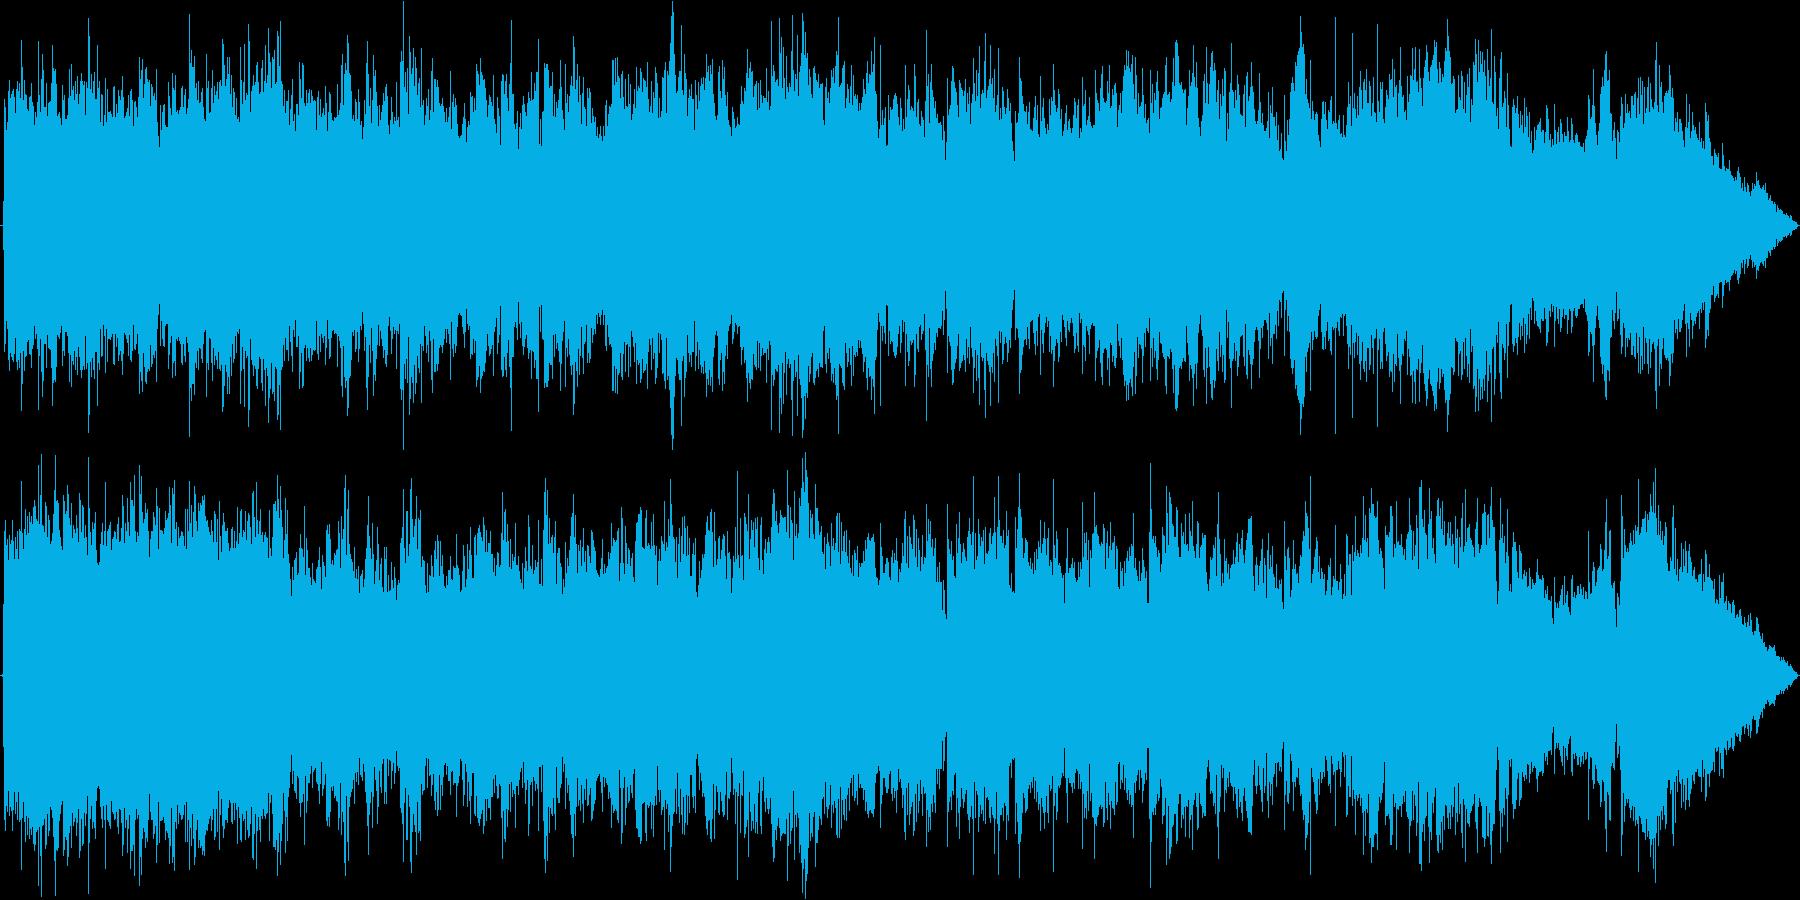 ロック風の熱い戦闘BGMの再生済みの波形